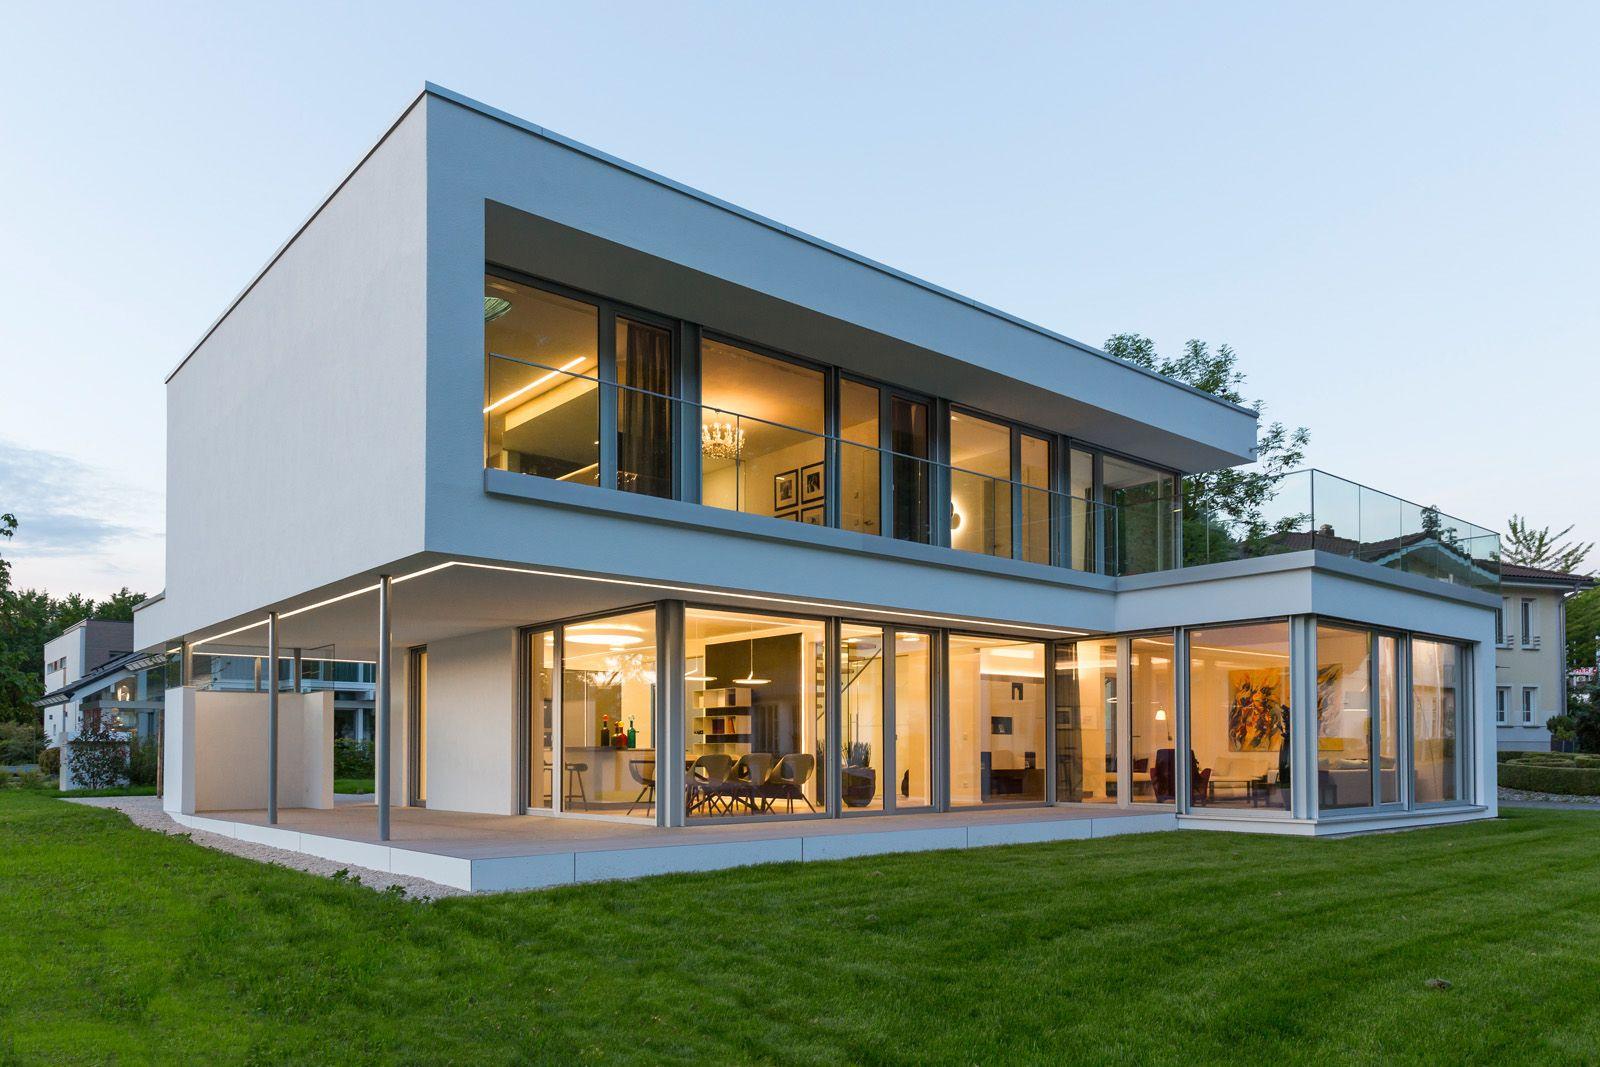 Home design bilder eine etage musterhaus  musterhaus online  arquitectura  pinterest  bauhaus